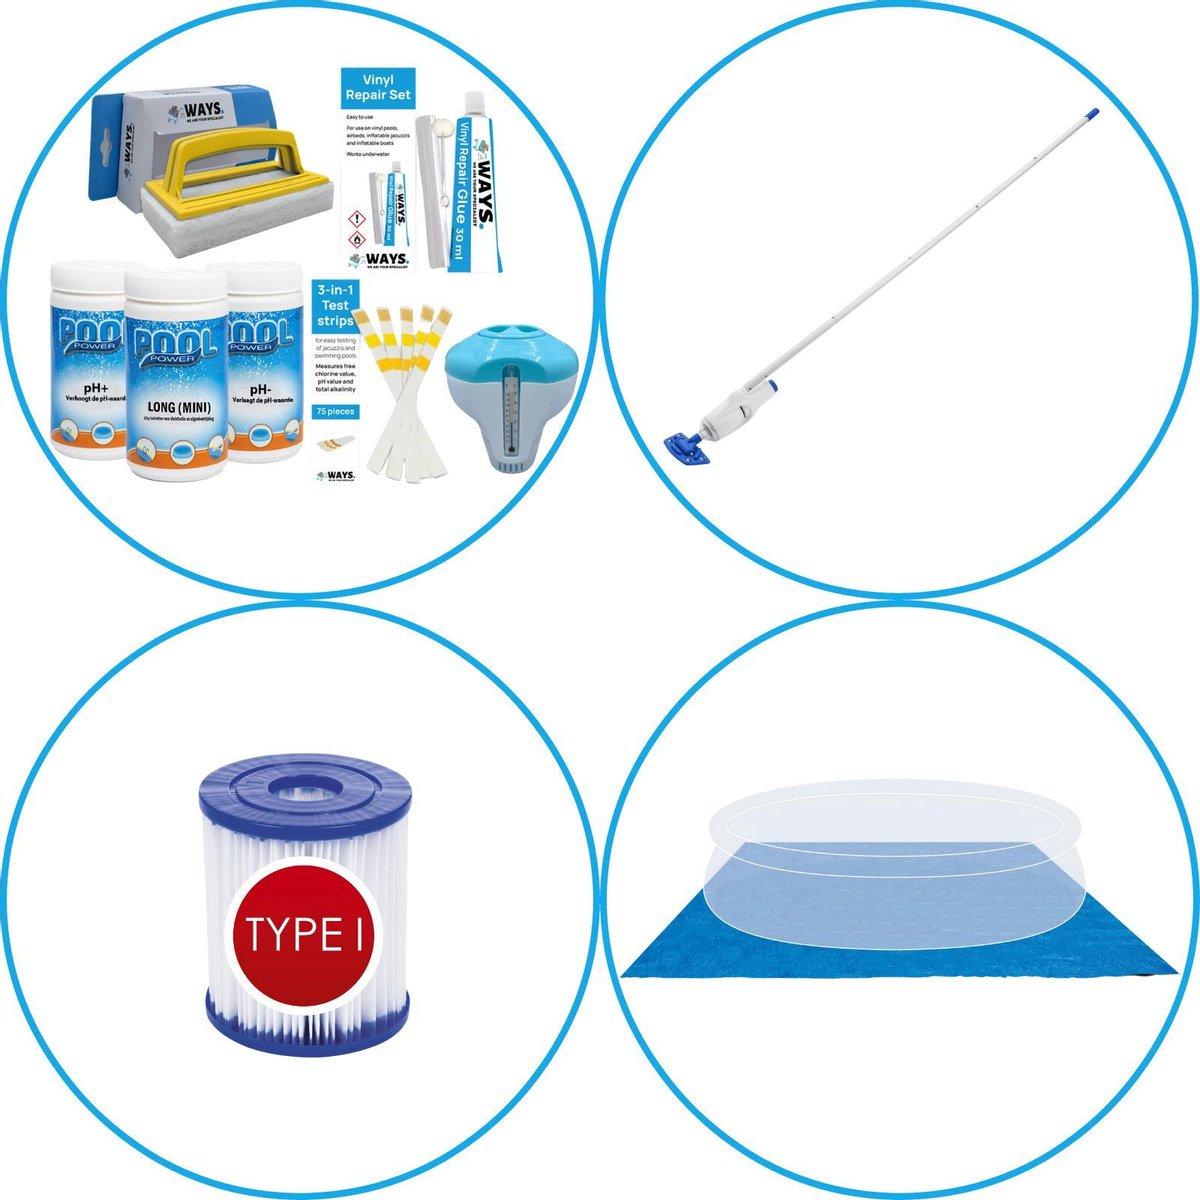 WAYS - Zwembad Accessoirepakket 4-delig - WAYS Onderhoudspakket & Zwembad filters Type I & Zwembad stofzuiger & Grondzeil